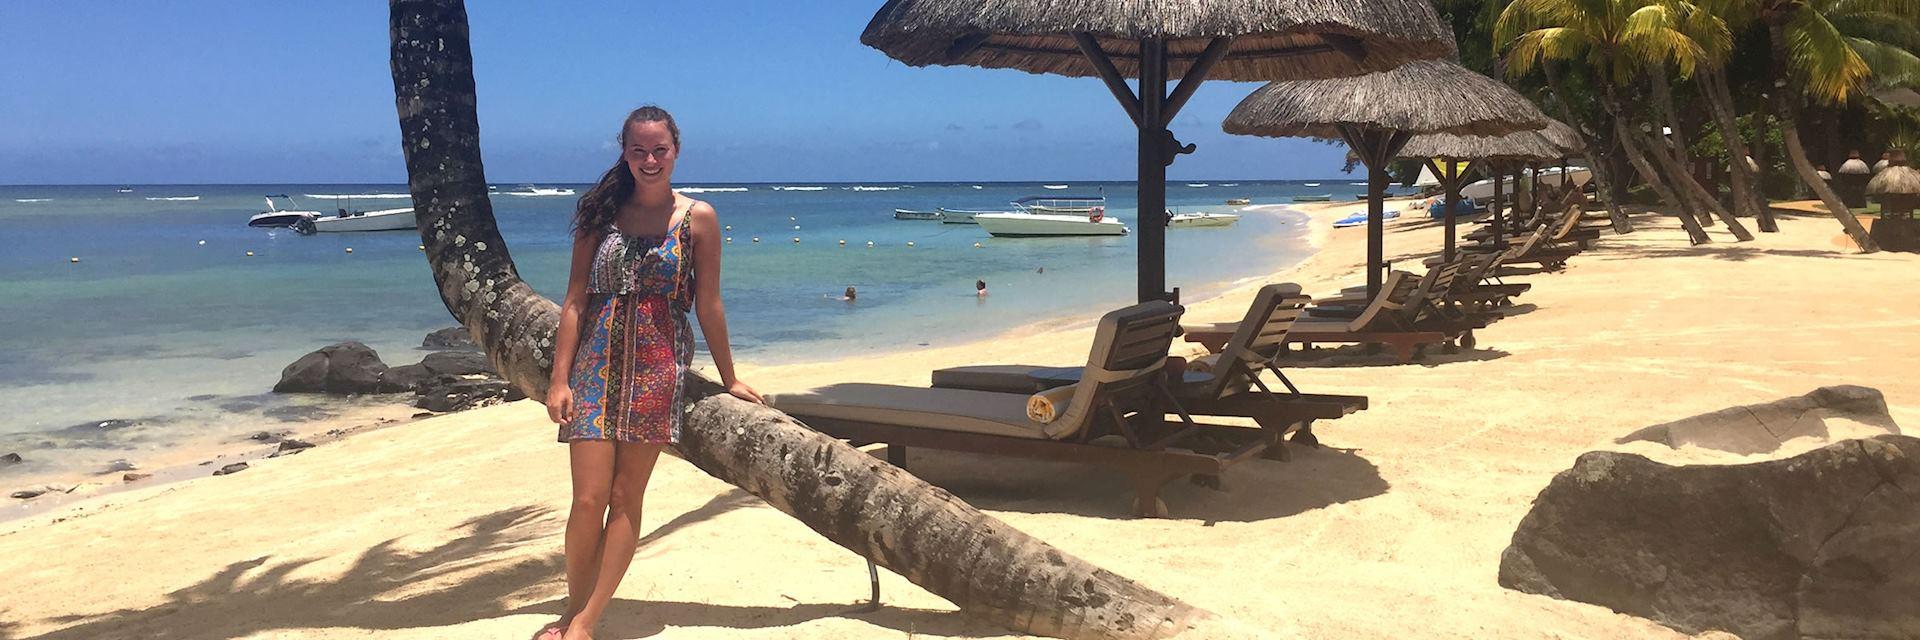 Sarah on the beach at the Oberoi Mauritius